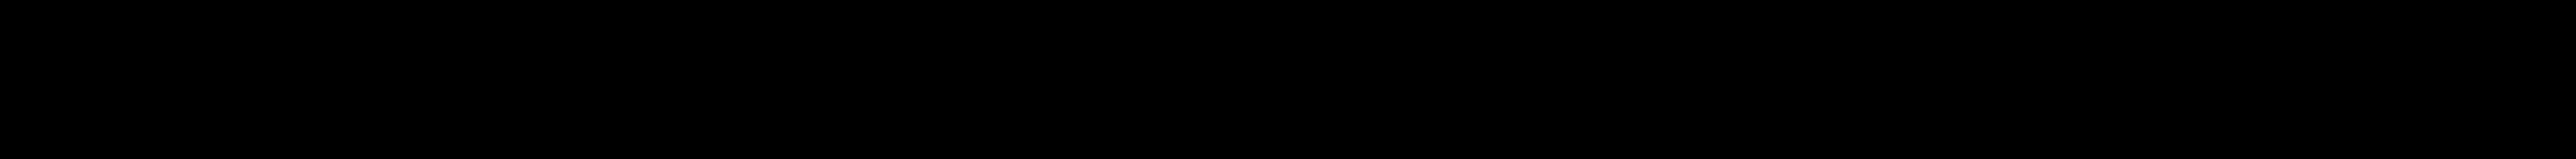 Copperplate Deco Medium Round